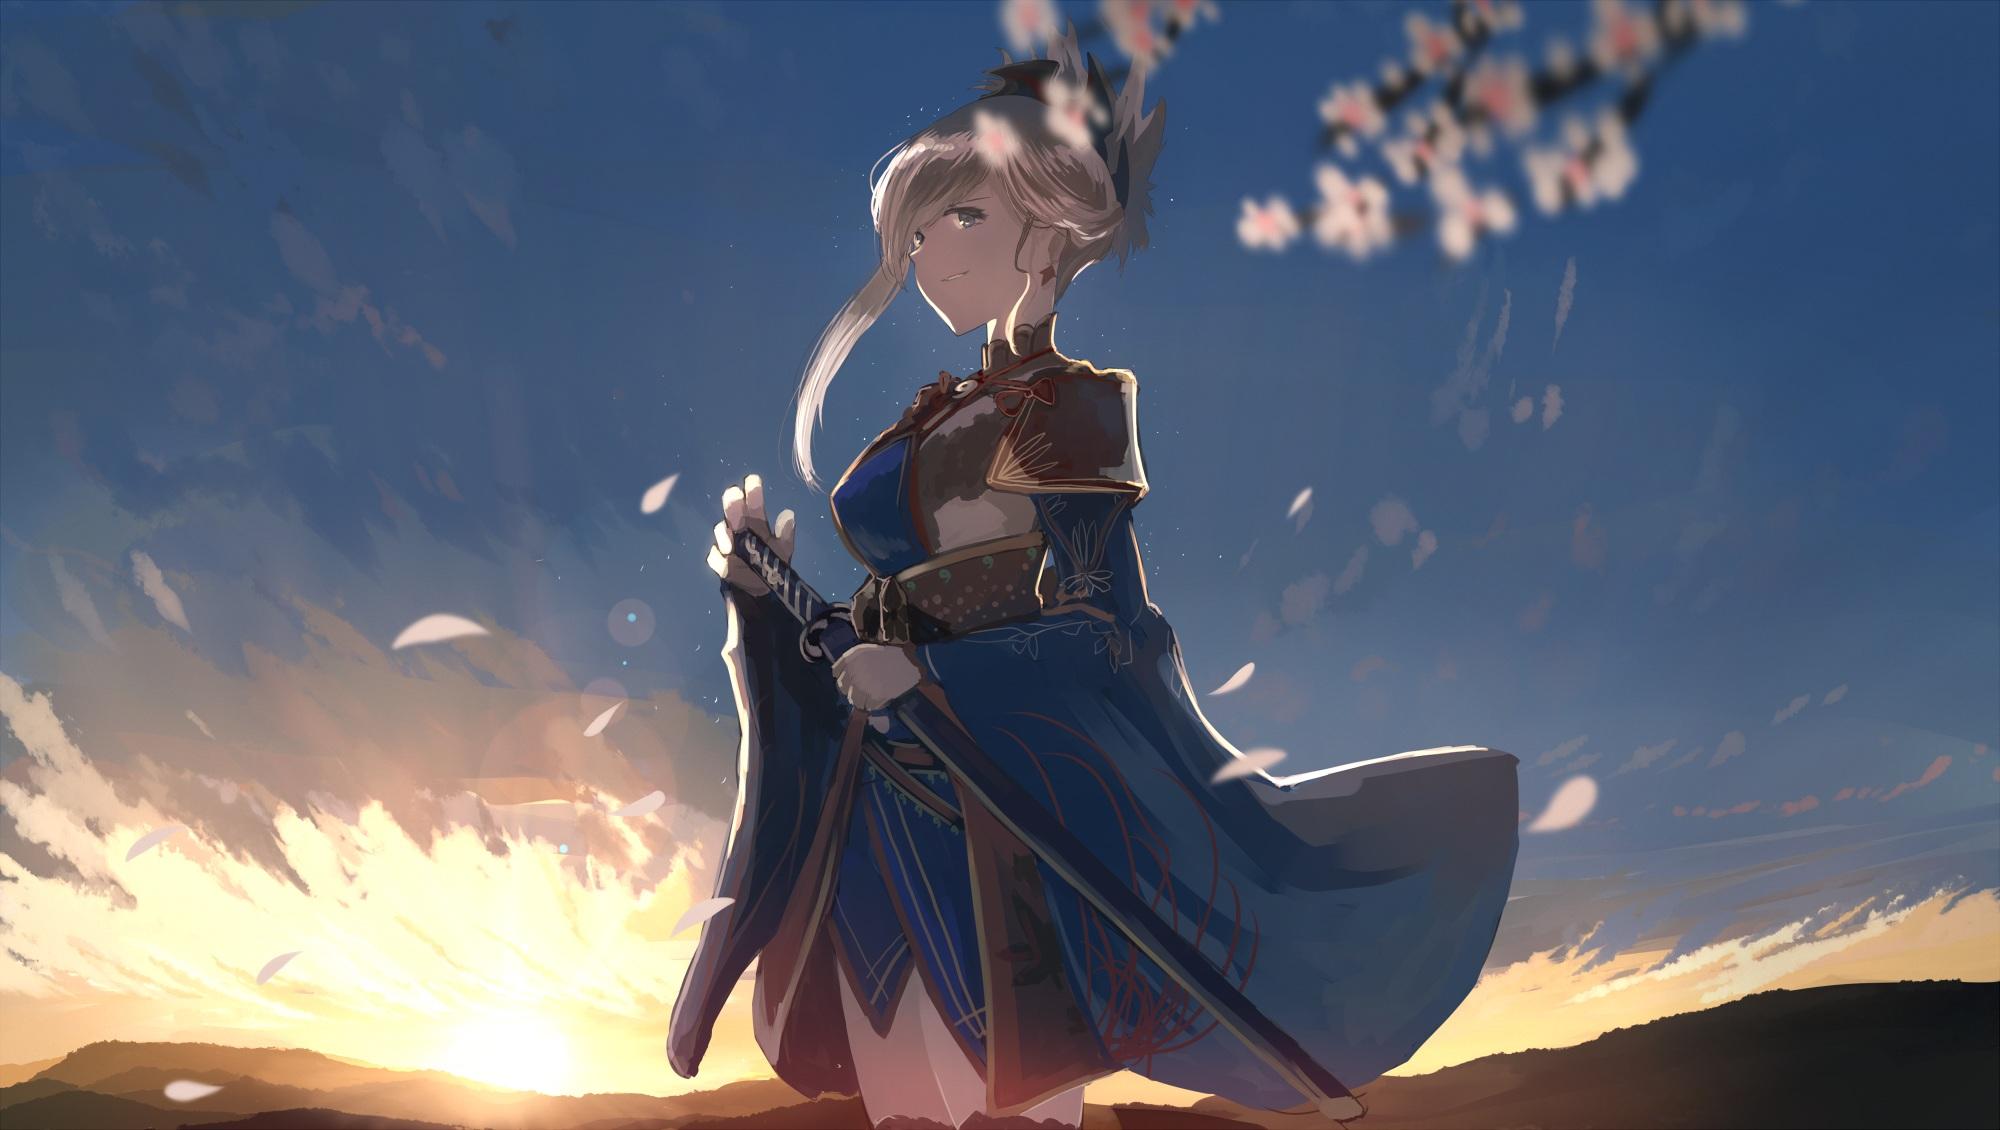 Miyamoto Musashi HD Wallpaper Background Image 2000x1130 ID 2000x1130